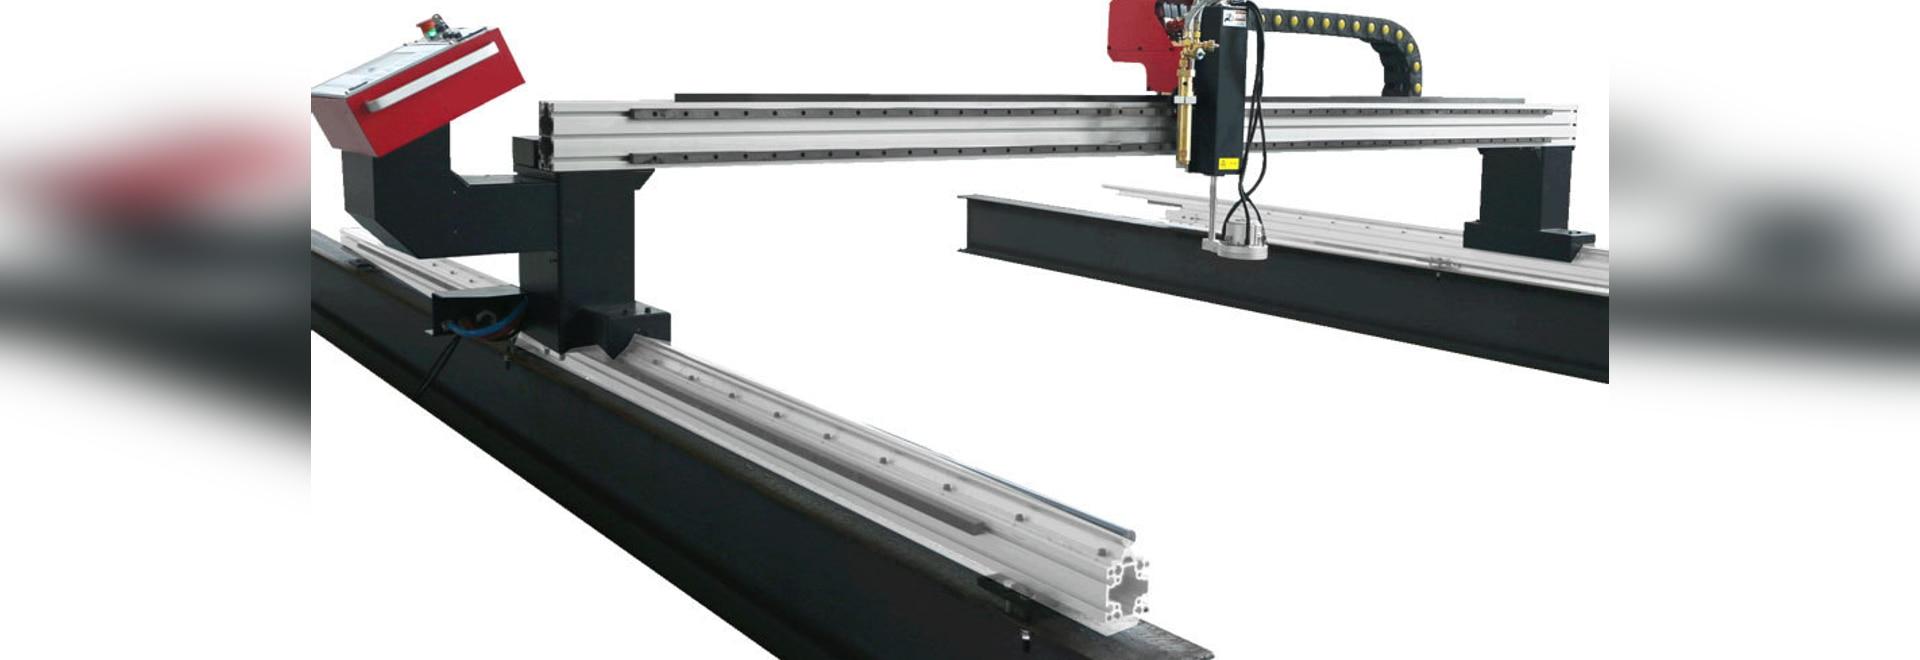 2017 New-SteelTailor DragonIII portable gantry CNC cutting machine